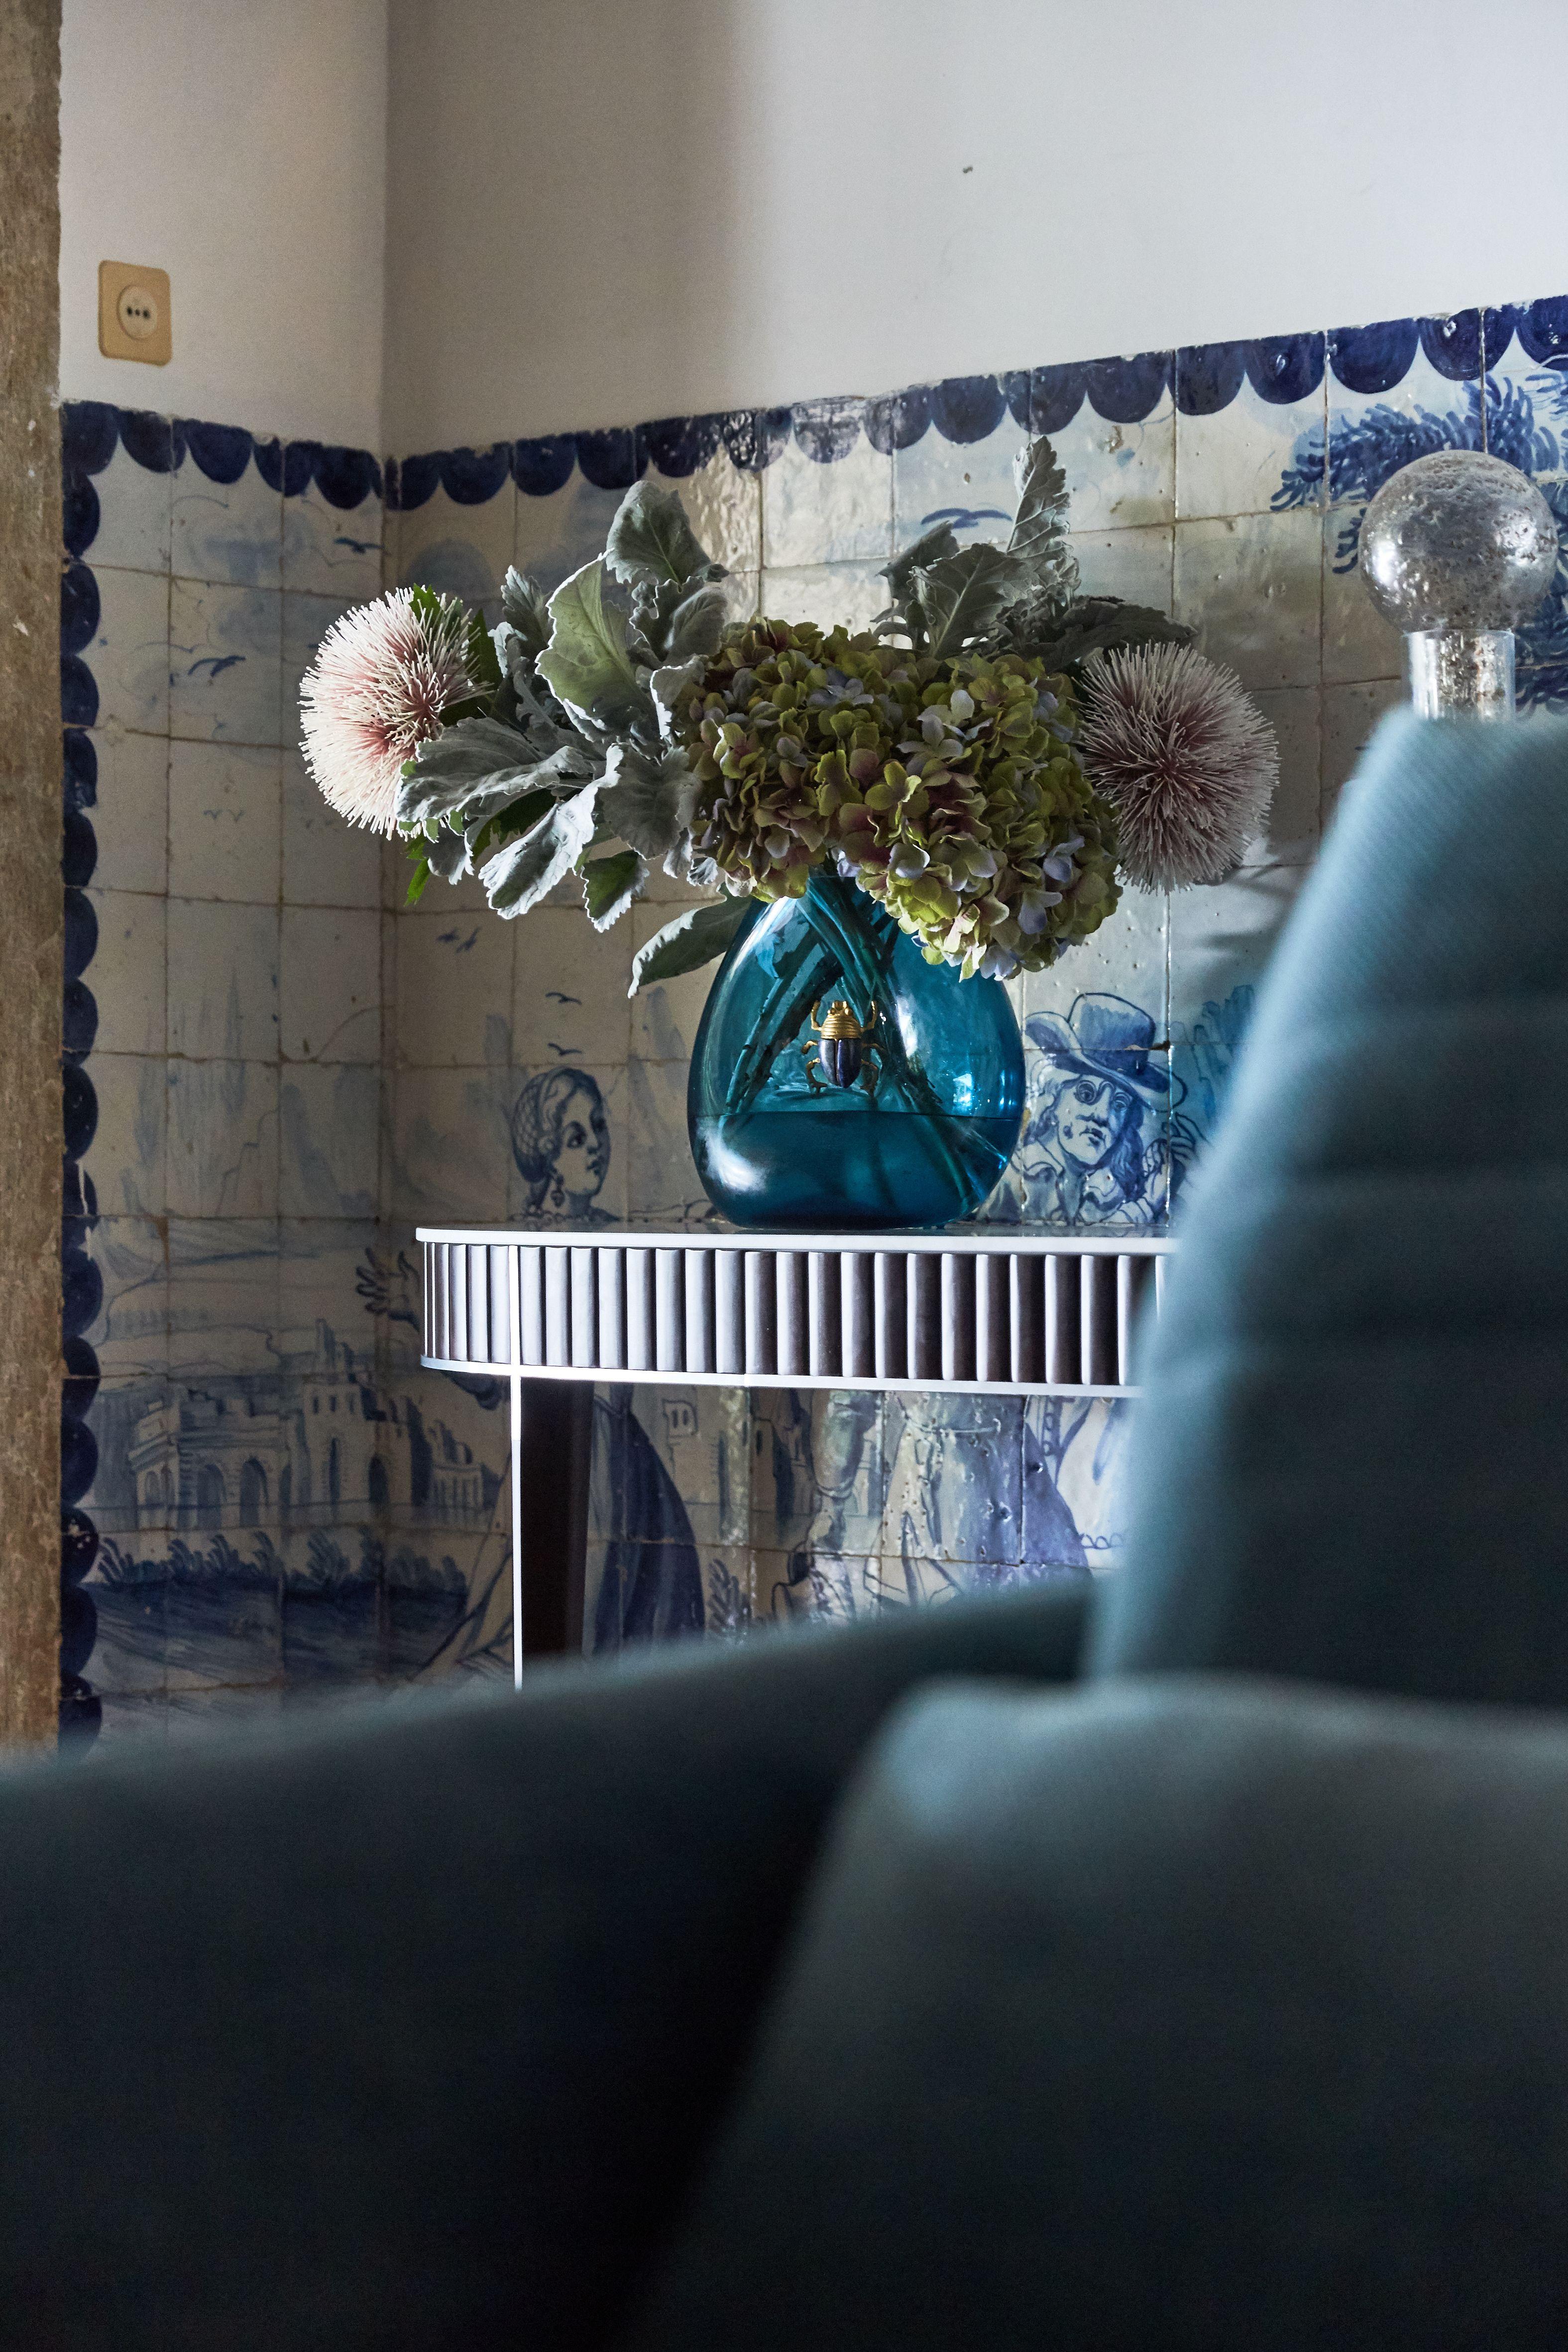 Roche Bobois L Half Moon Console L Designed By Sacha Lakic In 2020 Dream Home Design Holiday Decor French Art